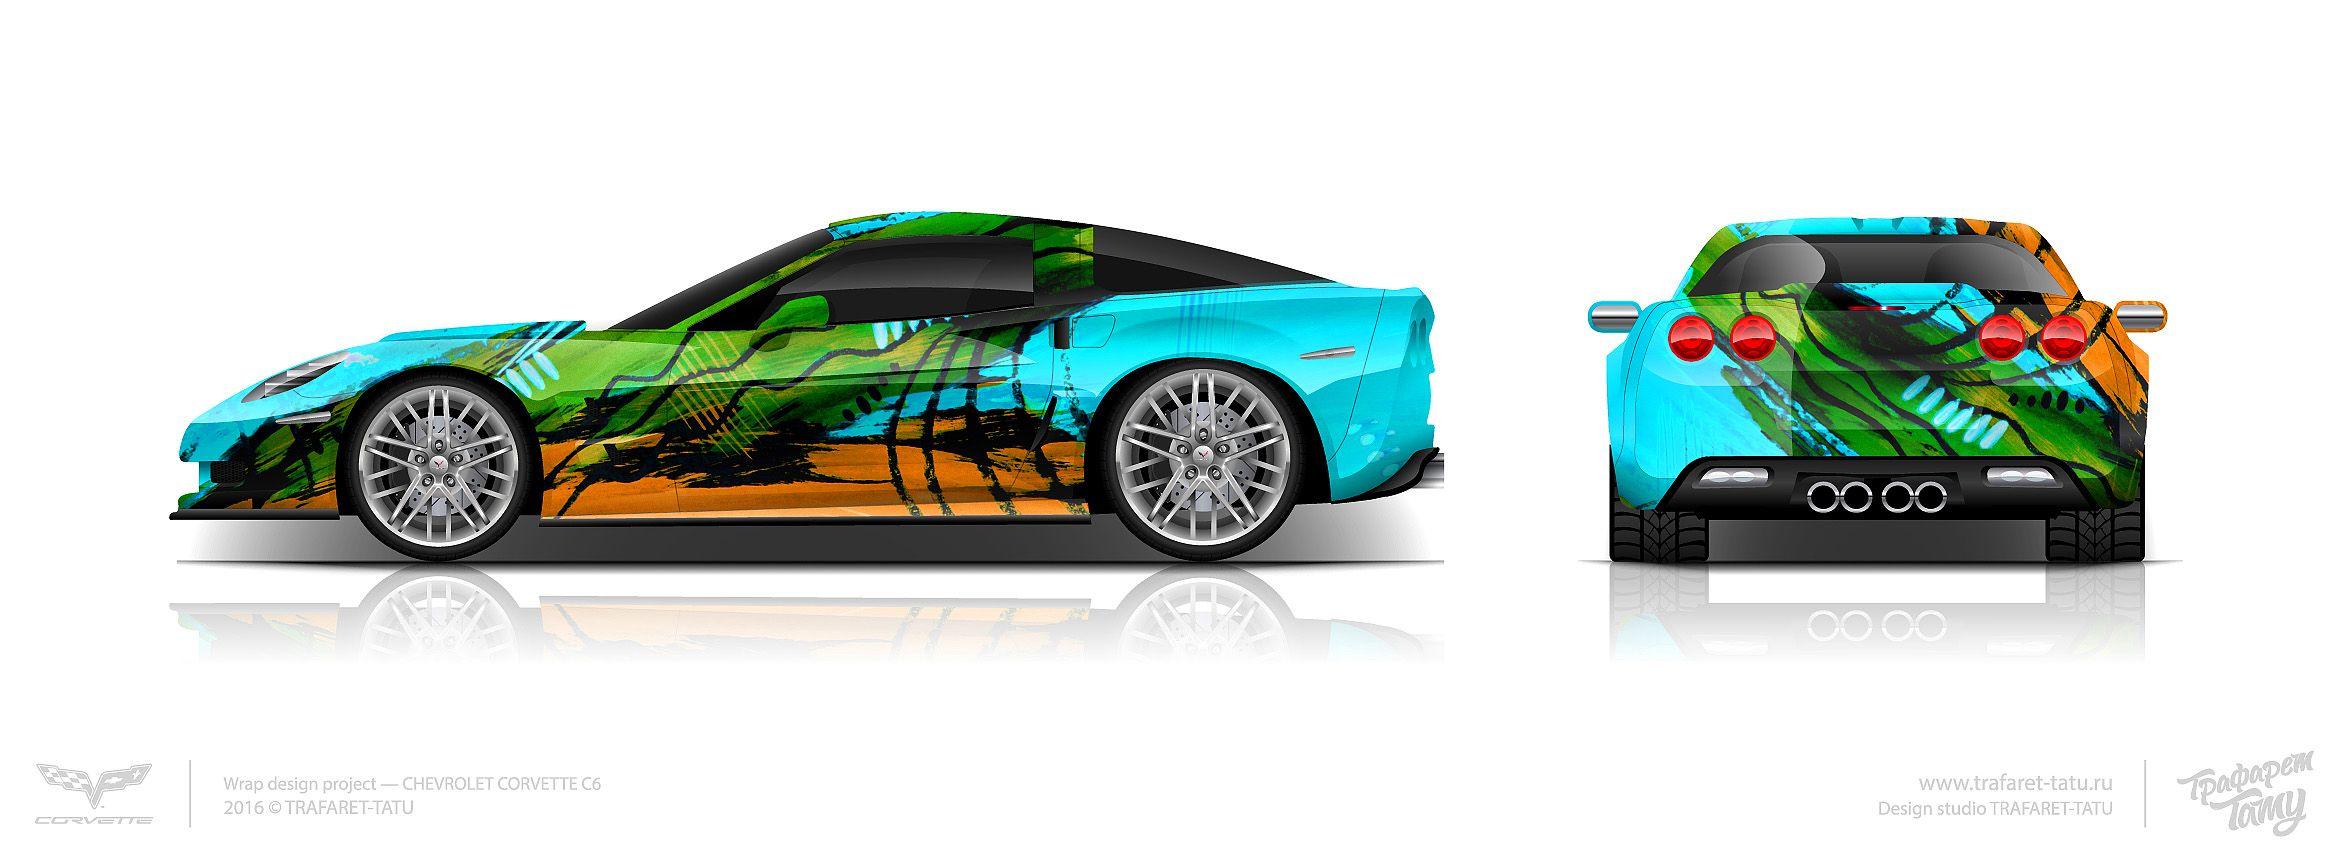 Design concept #5 Corvette C6 ZR1 for sale | Car wrap design ...